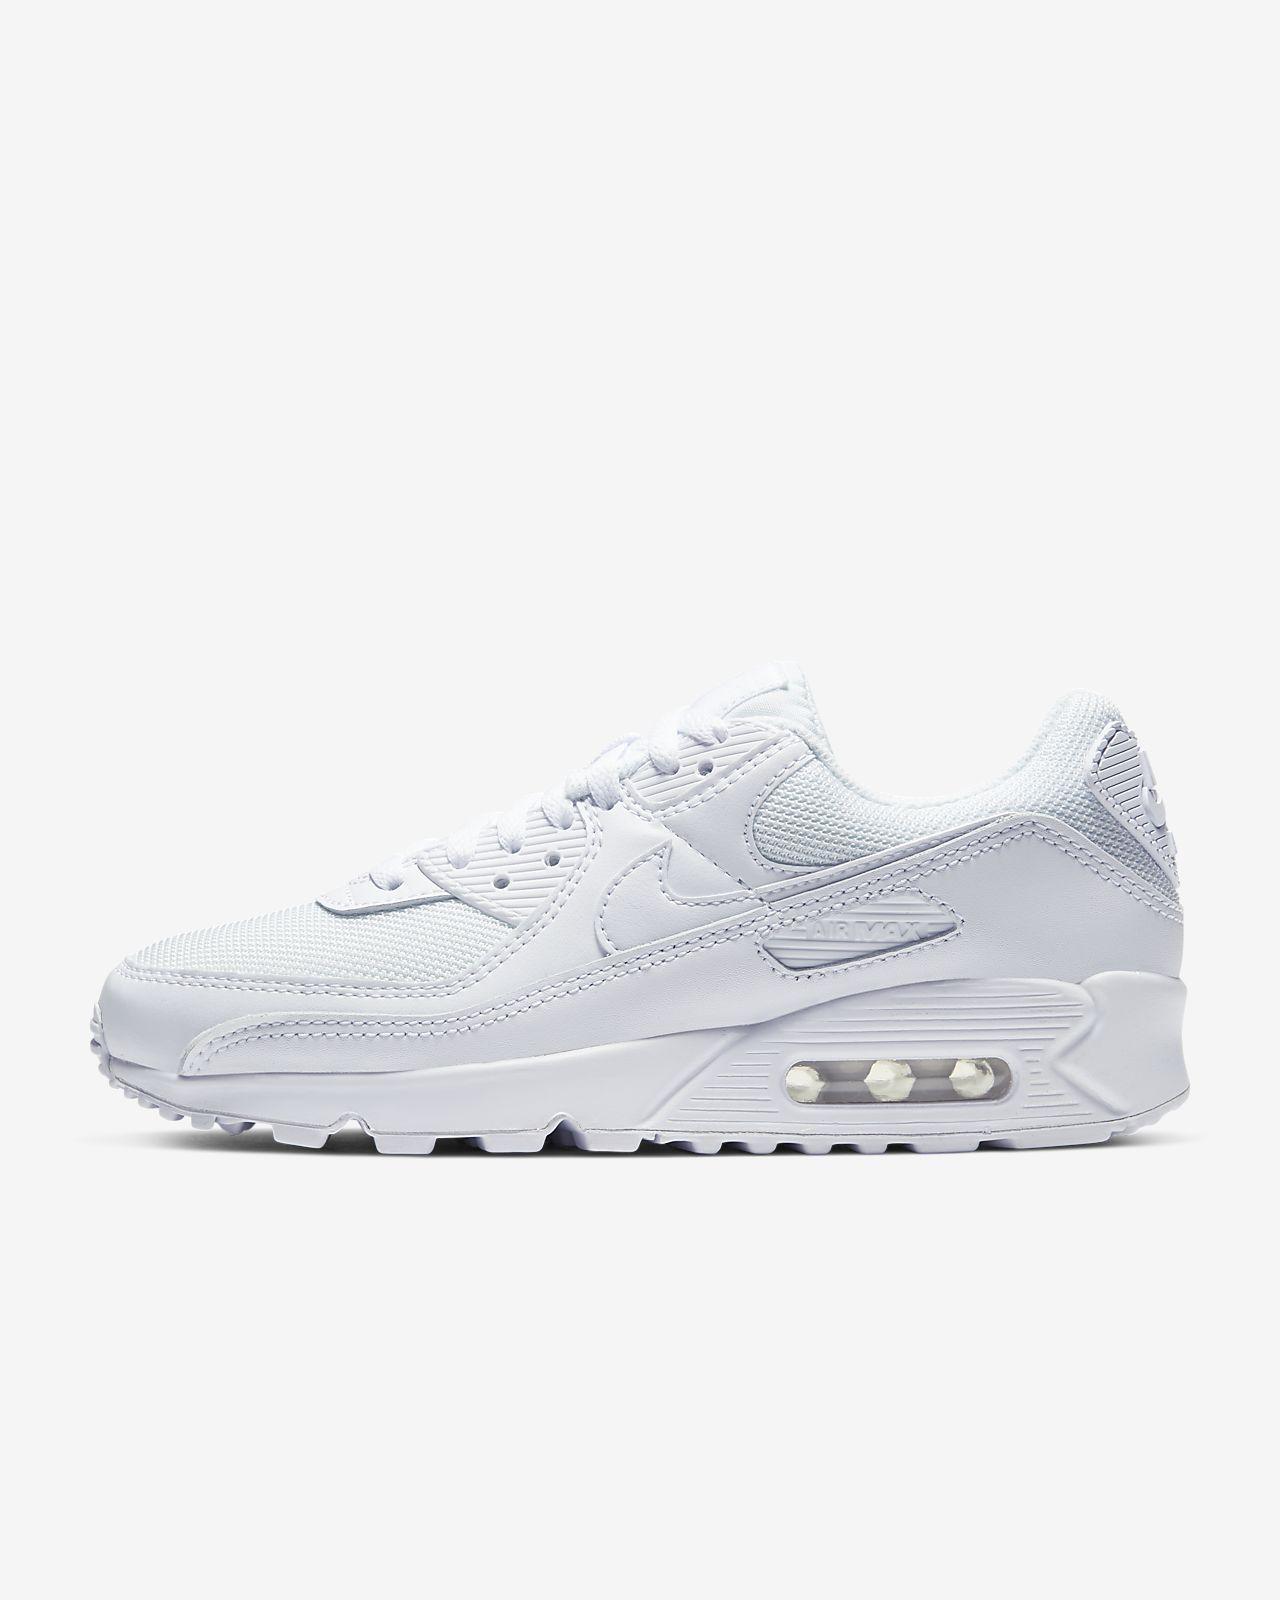 Sko Nike Air Max 90 för kvinnor